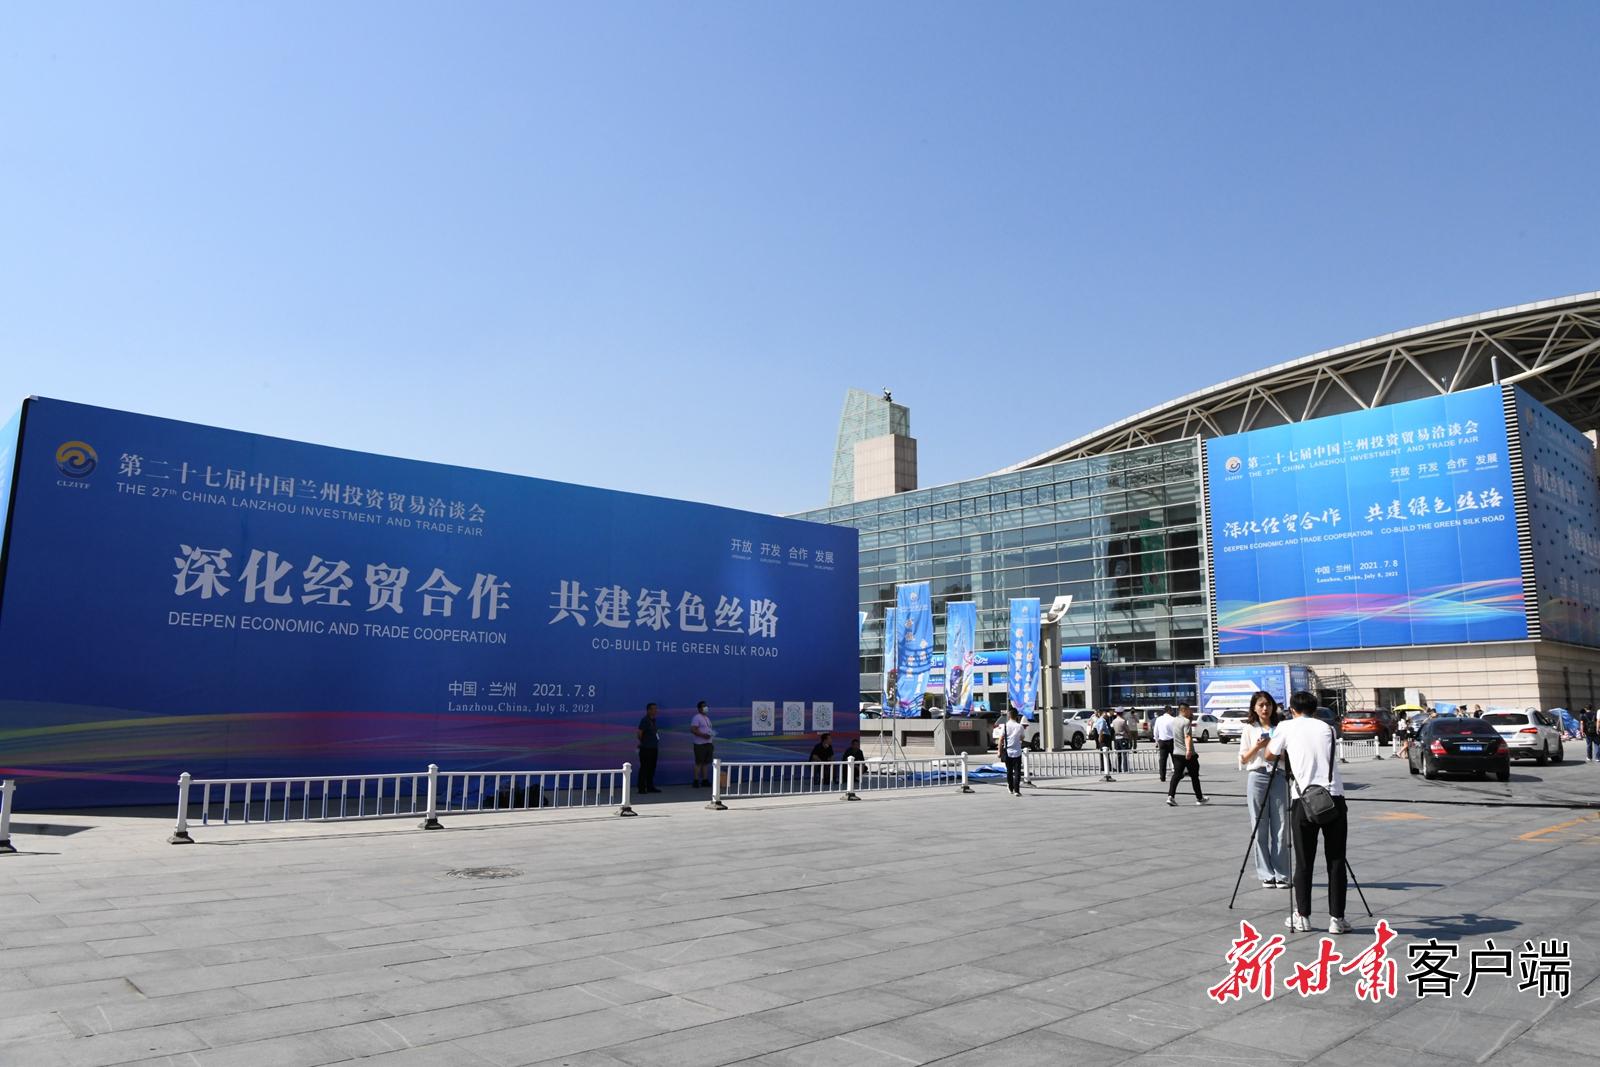 主展馆甘肃国际会展中心